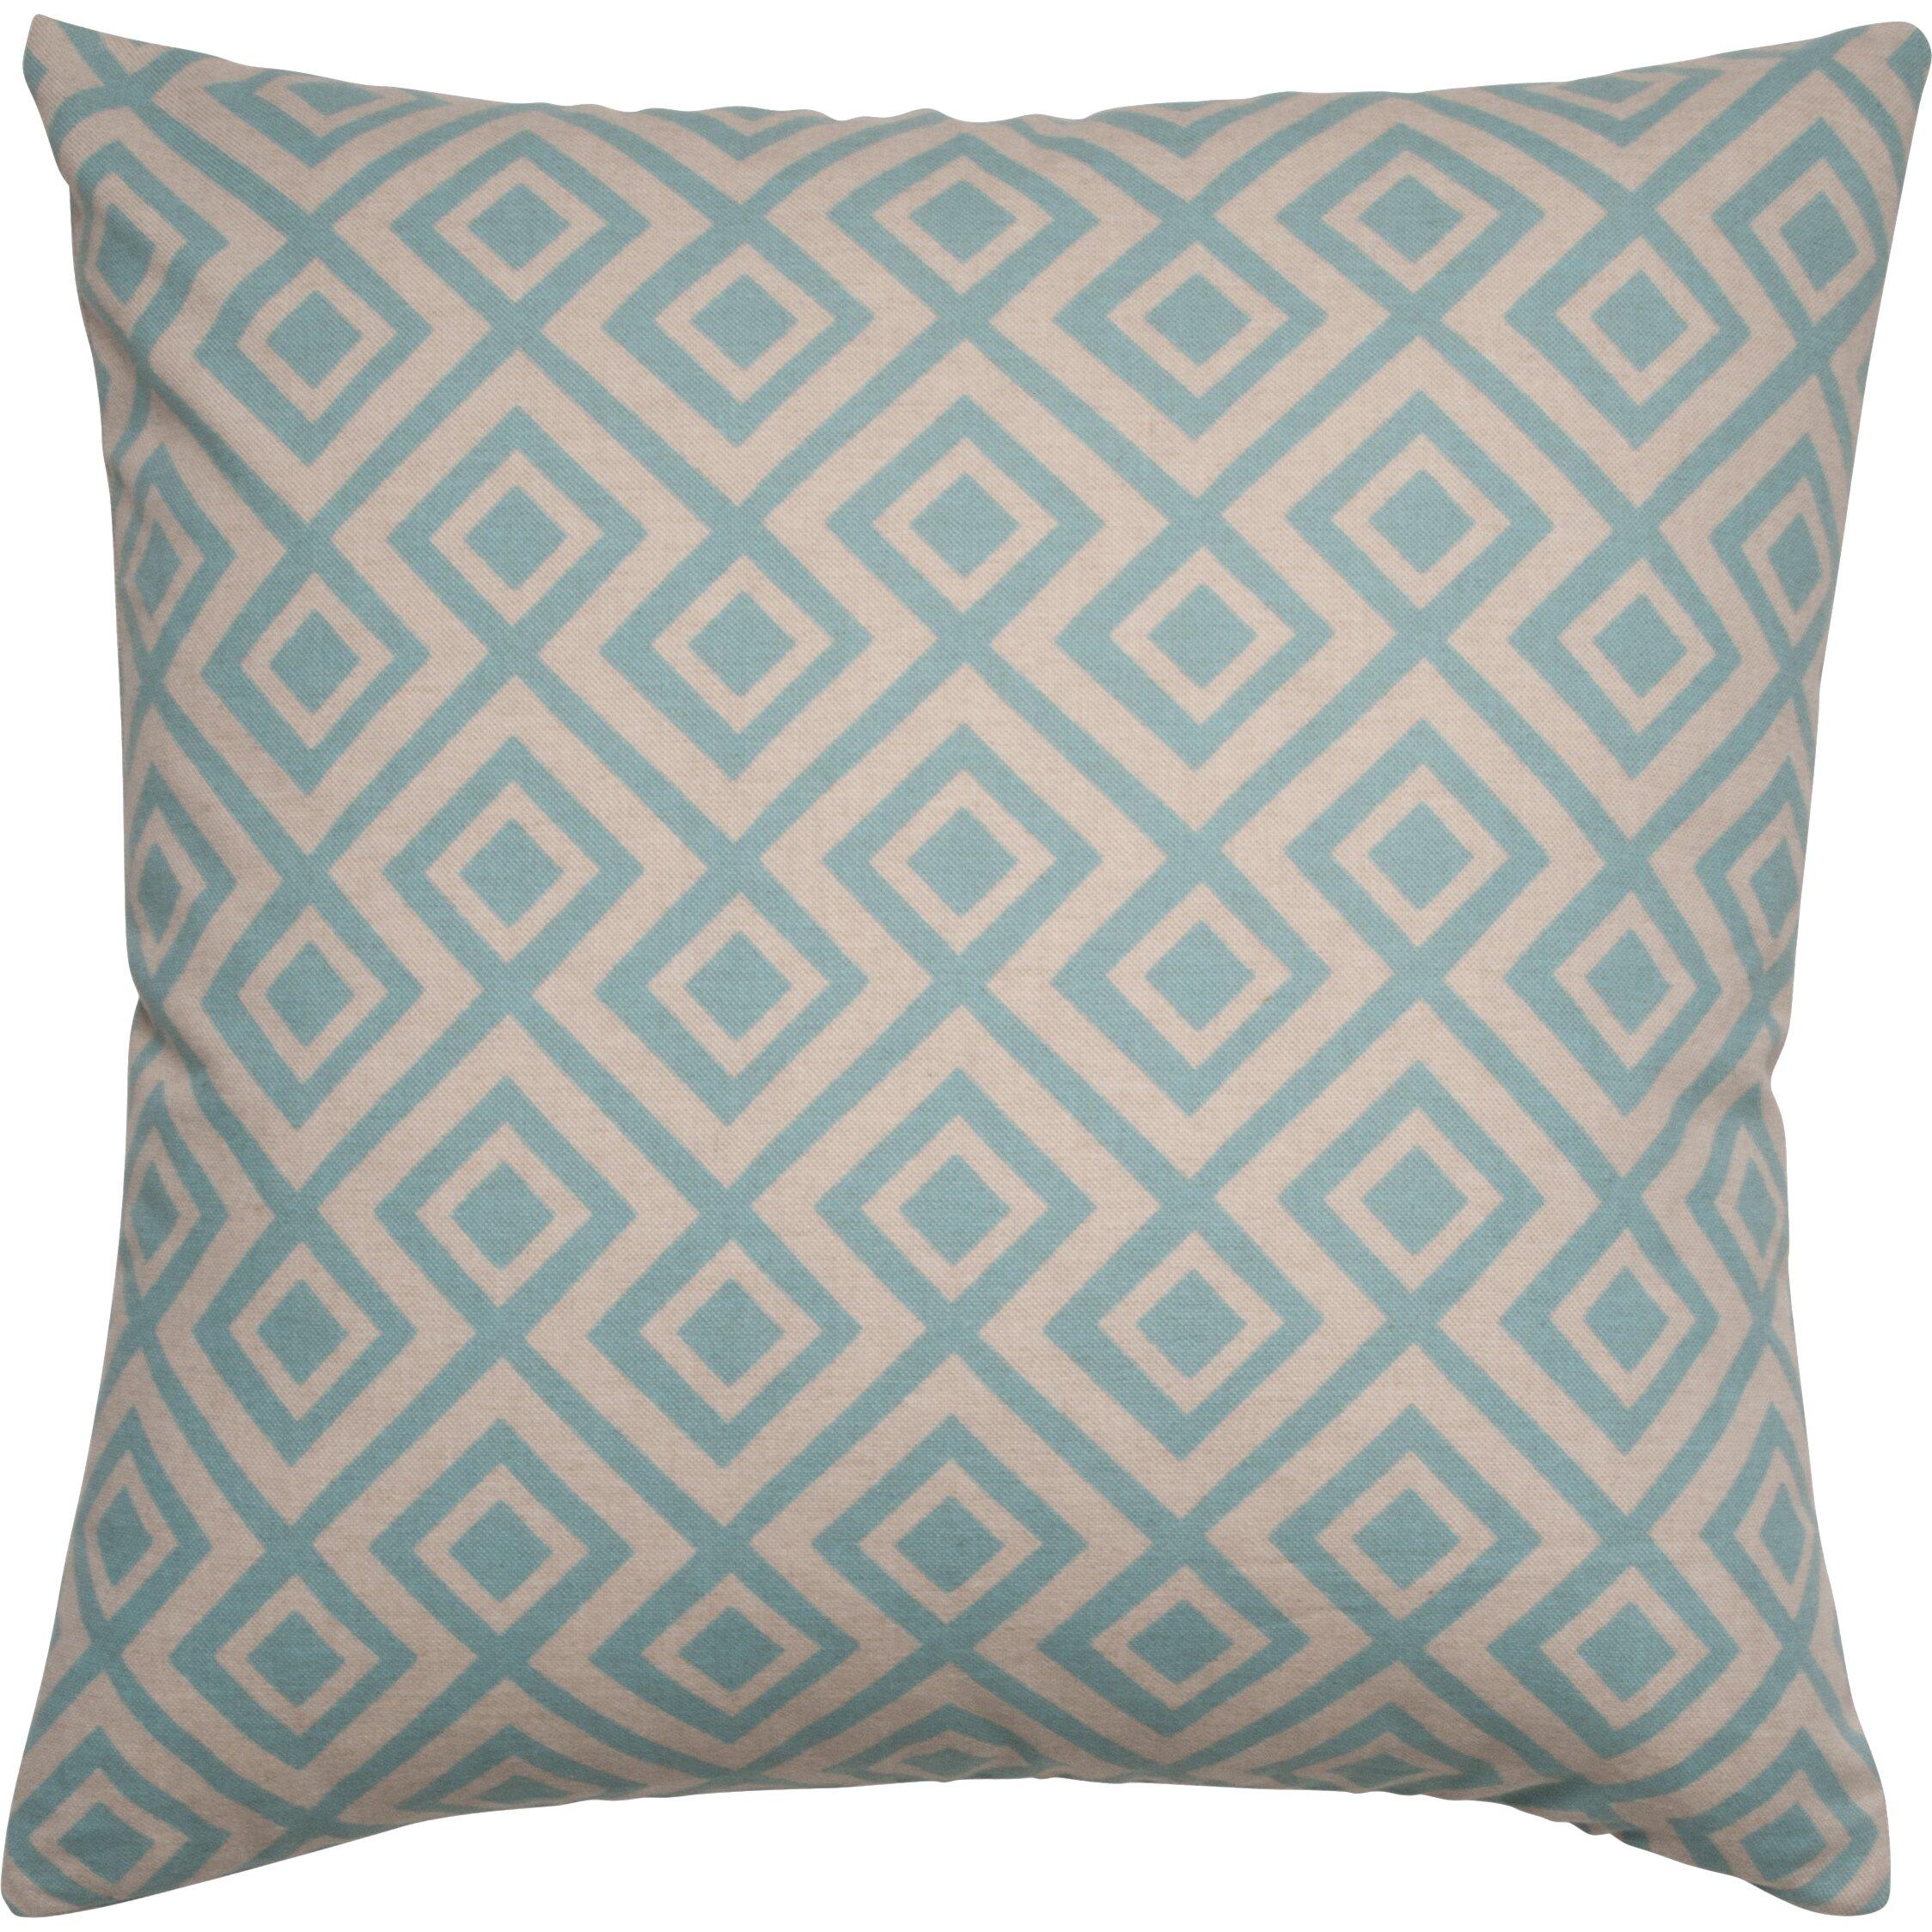 Throw Pillow Fillers : Vesper Lane Basque Designer Filled Throw Pillow & Reviews Wayfair